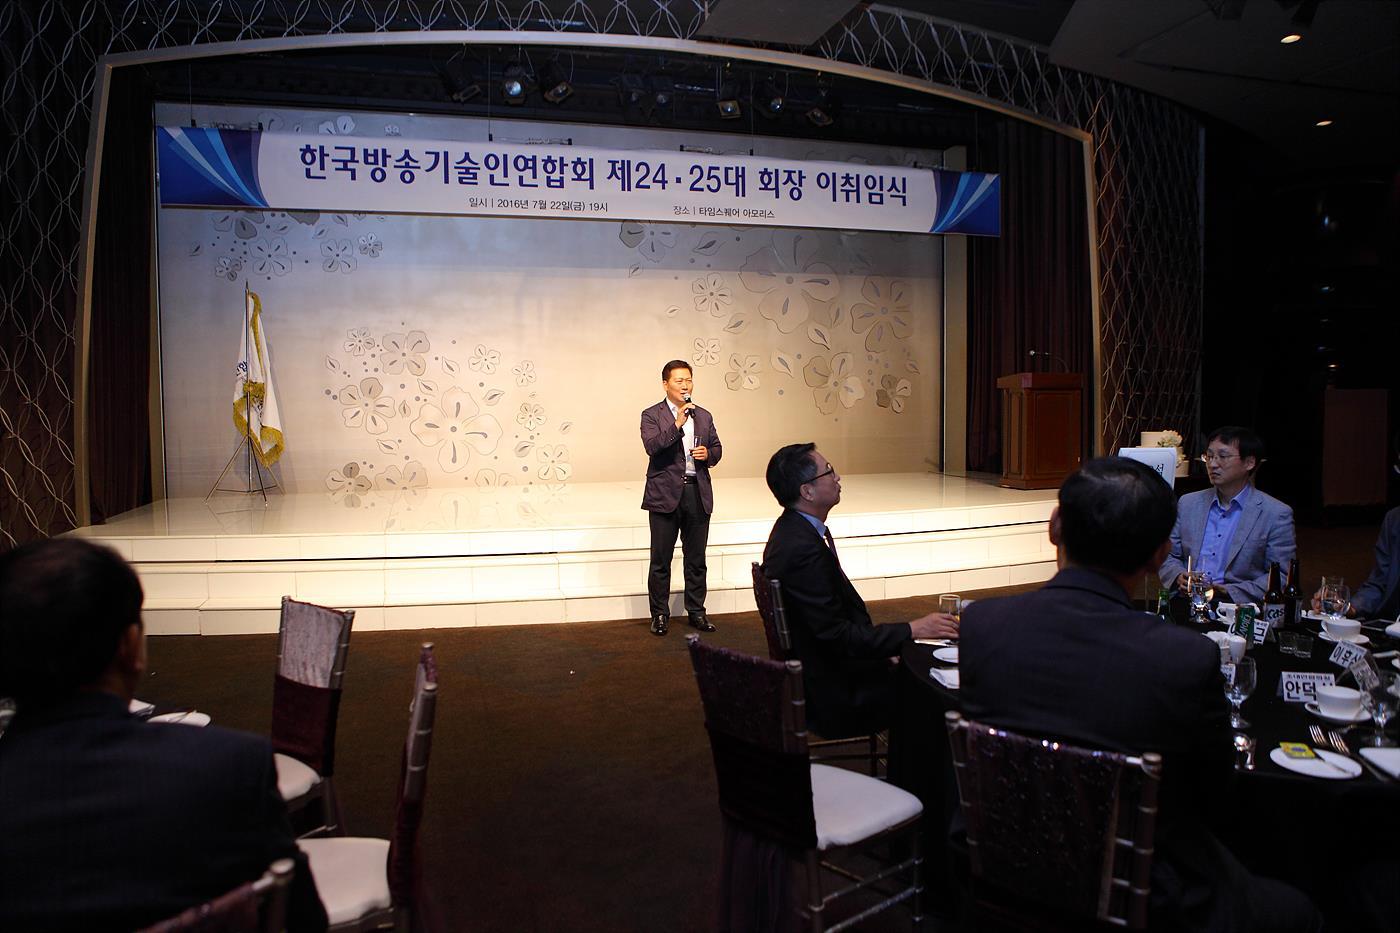 건배 제의 중인 김순기 KBS 네트워크센터장